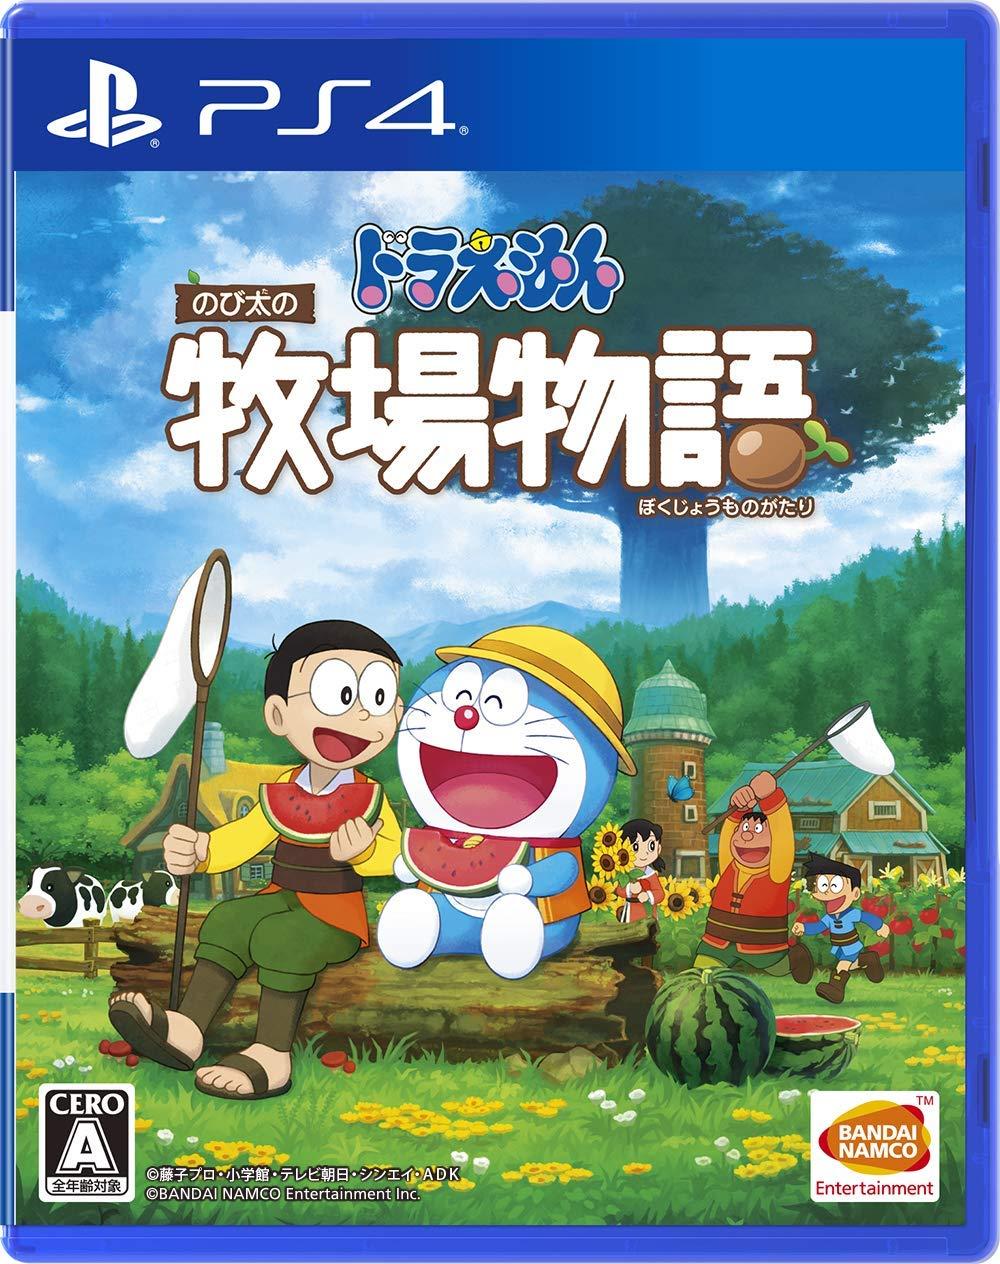 【PS4】『ドラえもん のび太の牧場物語』早期購入特典アリ!予約受付中!【7月30日発売!】